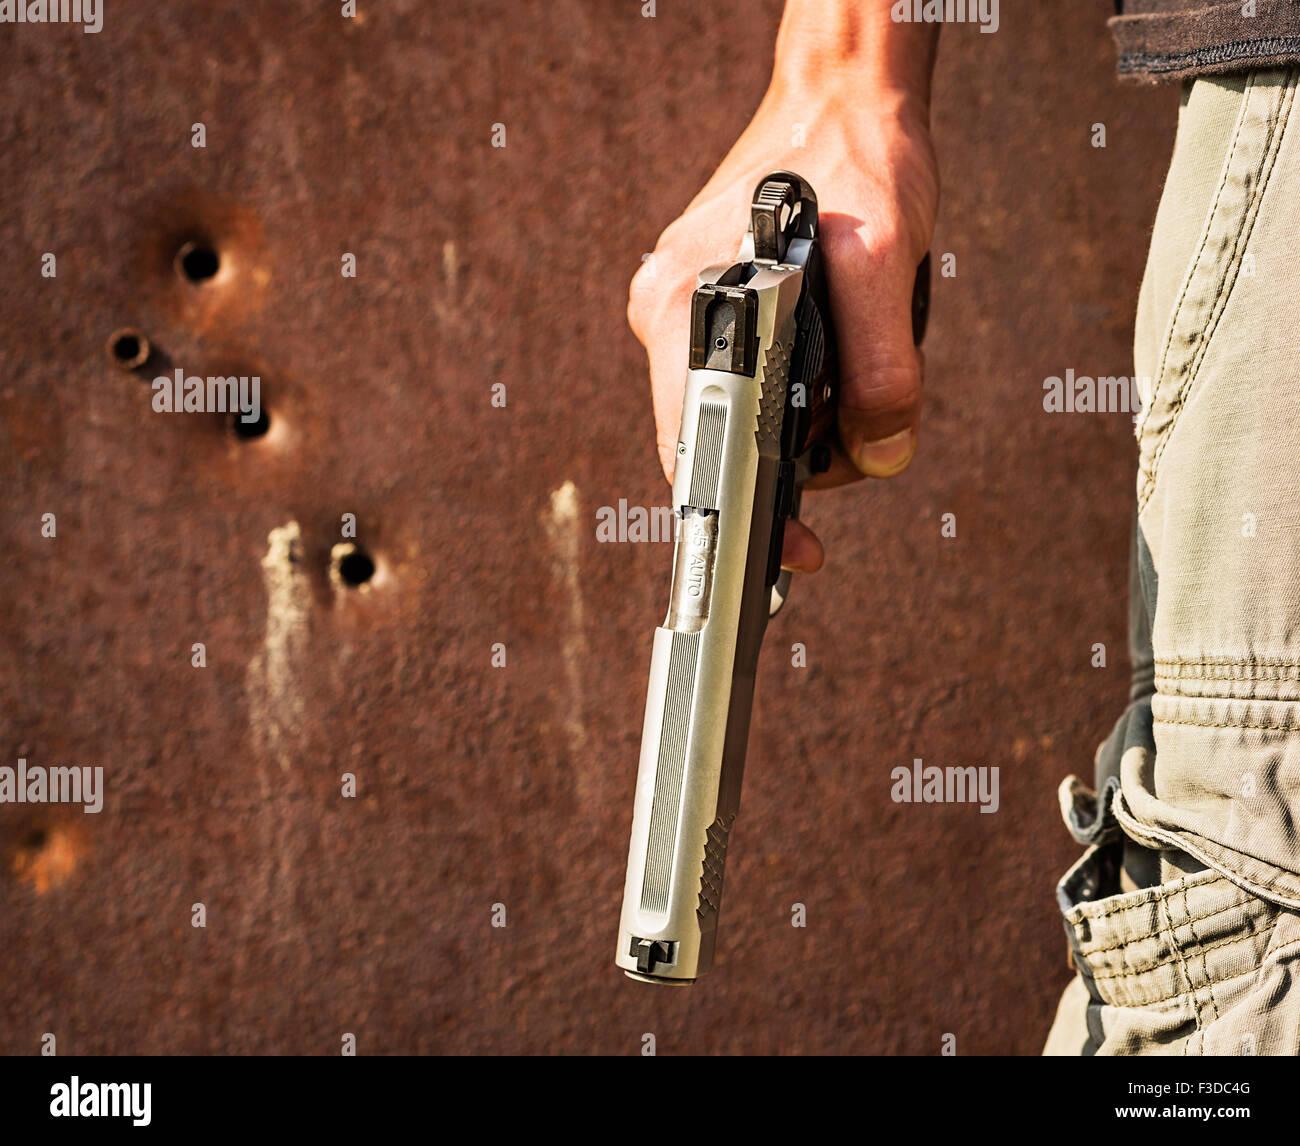 Holding Gun Stock Photos & Holding Gun Stock Images